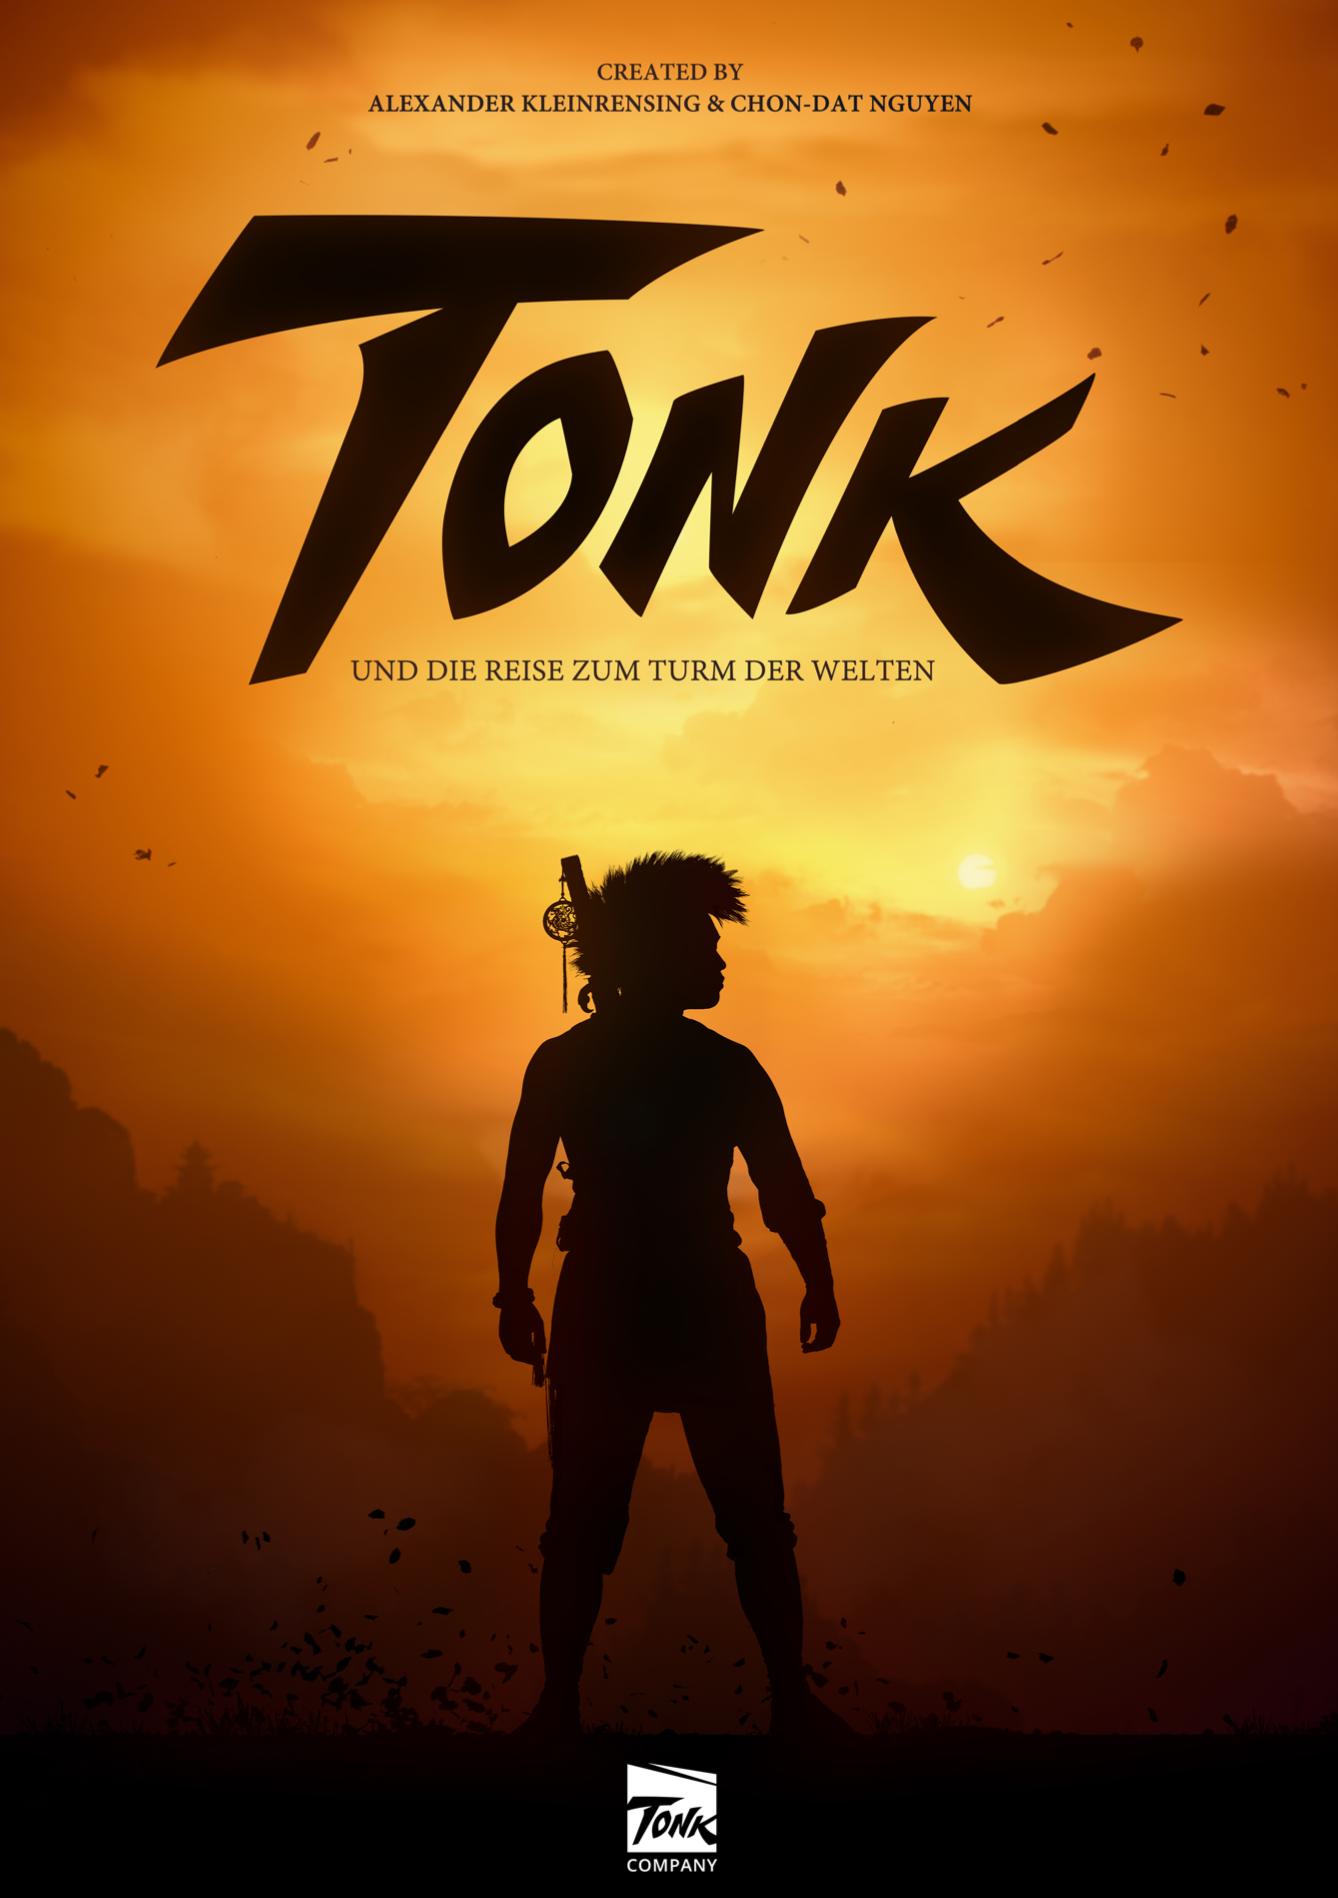 Tonk und die Reise zum Turm der Welten